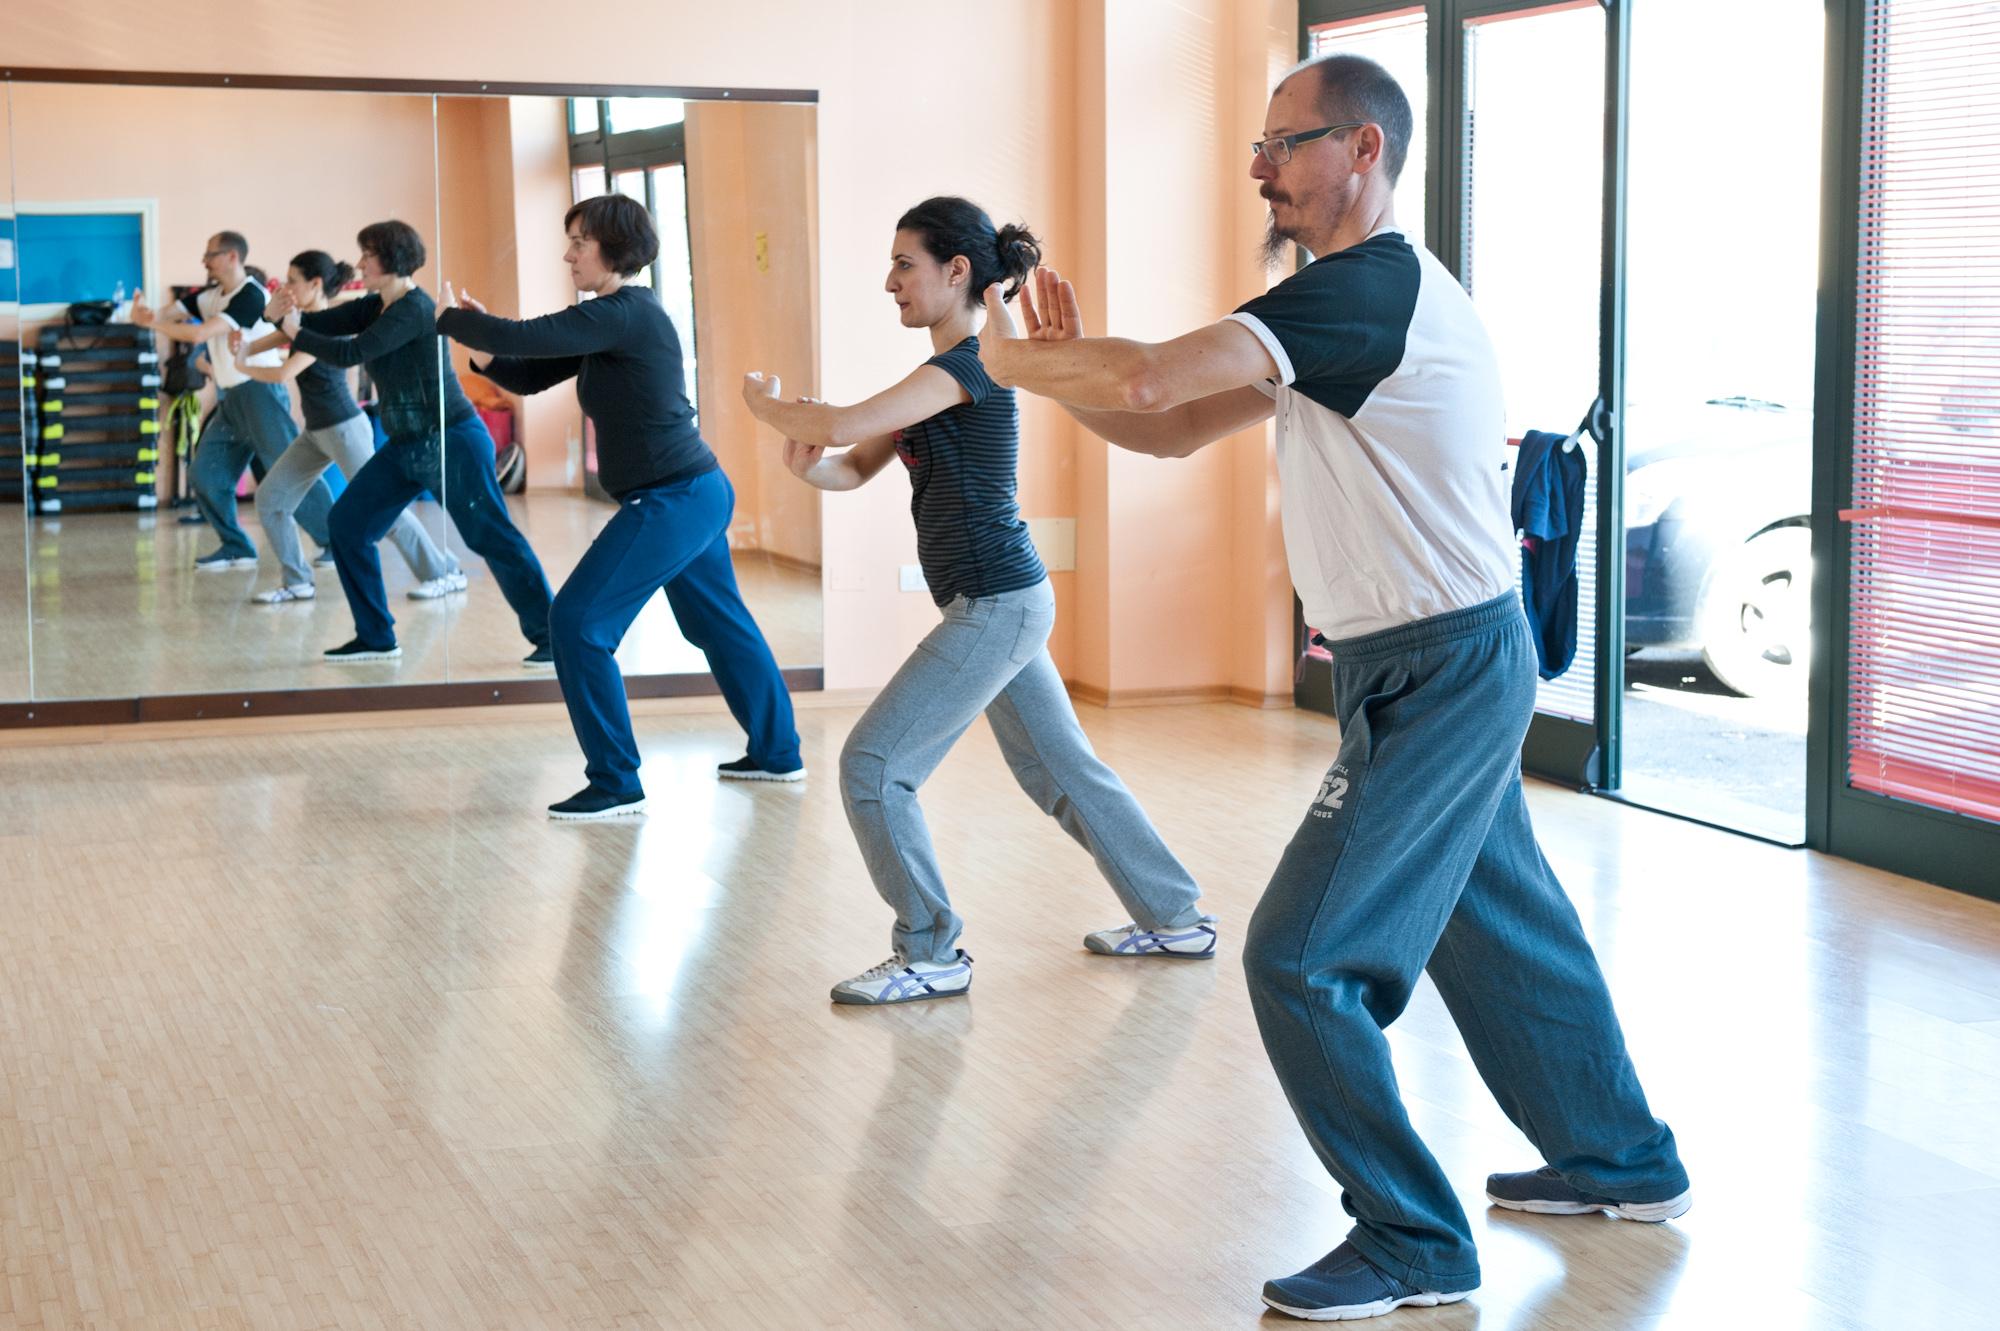 Secondo l'Università di Oxford, gli anziani che praticano Tai Chi Chuan riducono di un quinto il rischio di cadute 3